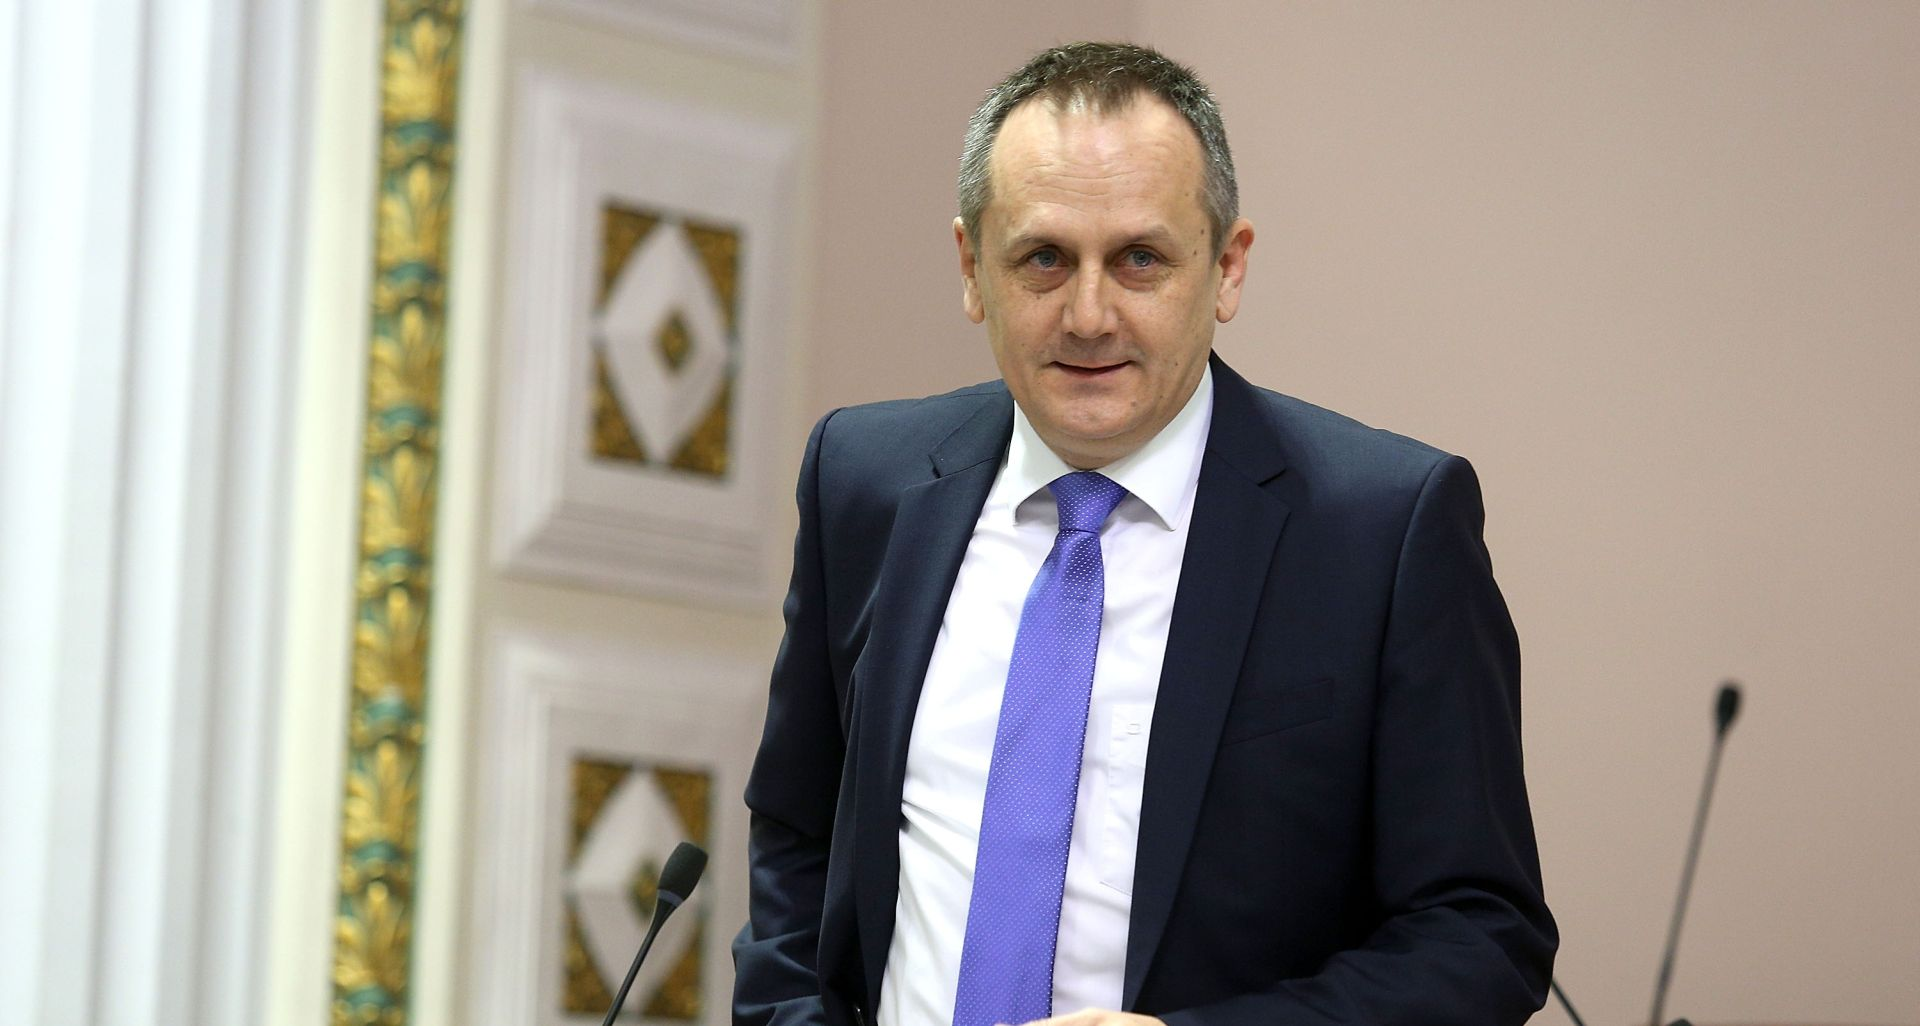 Prgomet: Hoće li neki od ministara u Vladu ulaziti tzv. 'Putem mrske revolucije'?